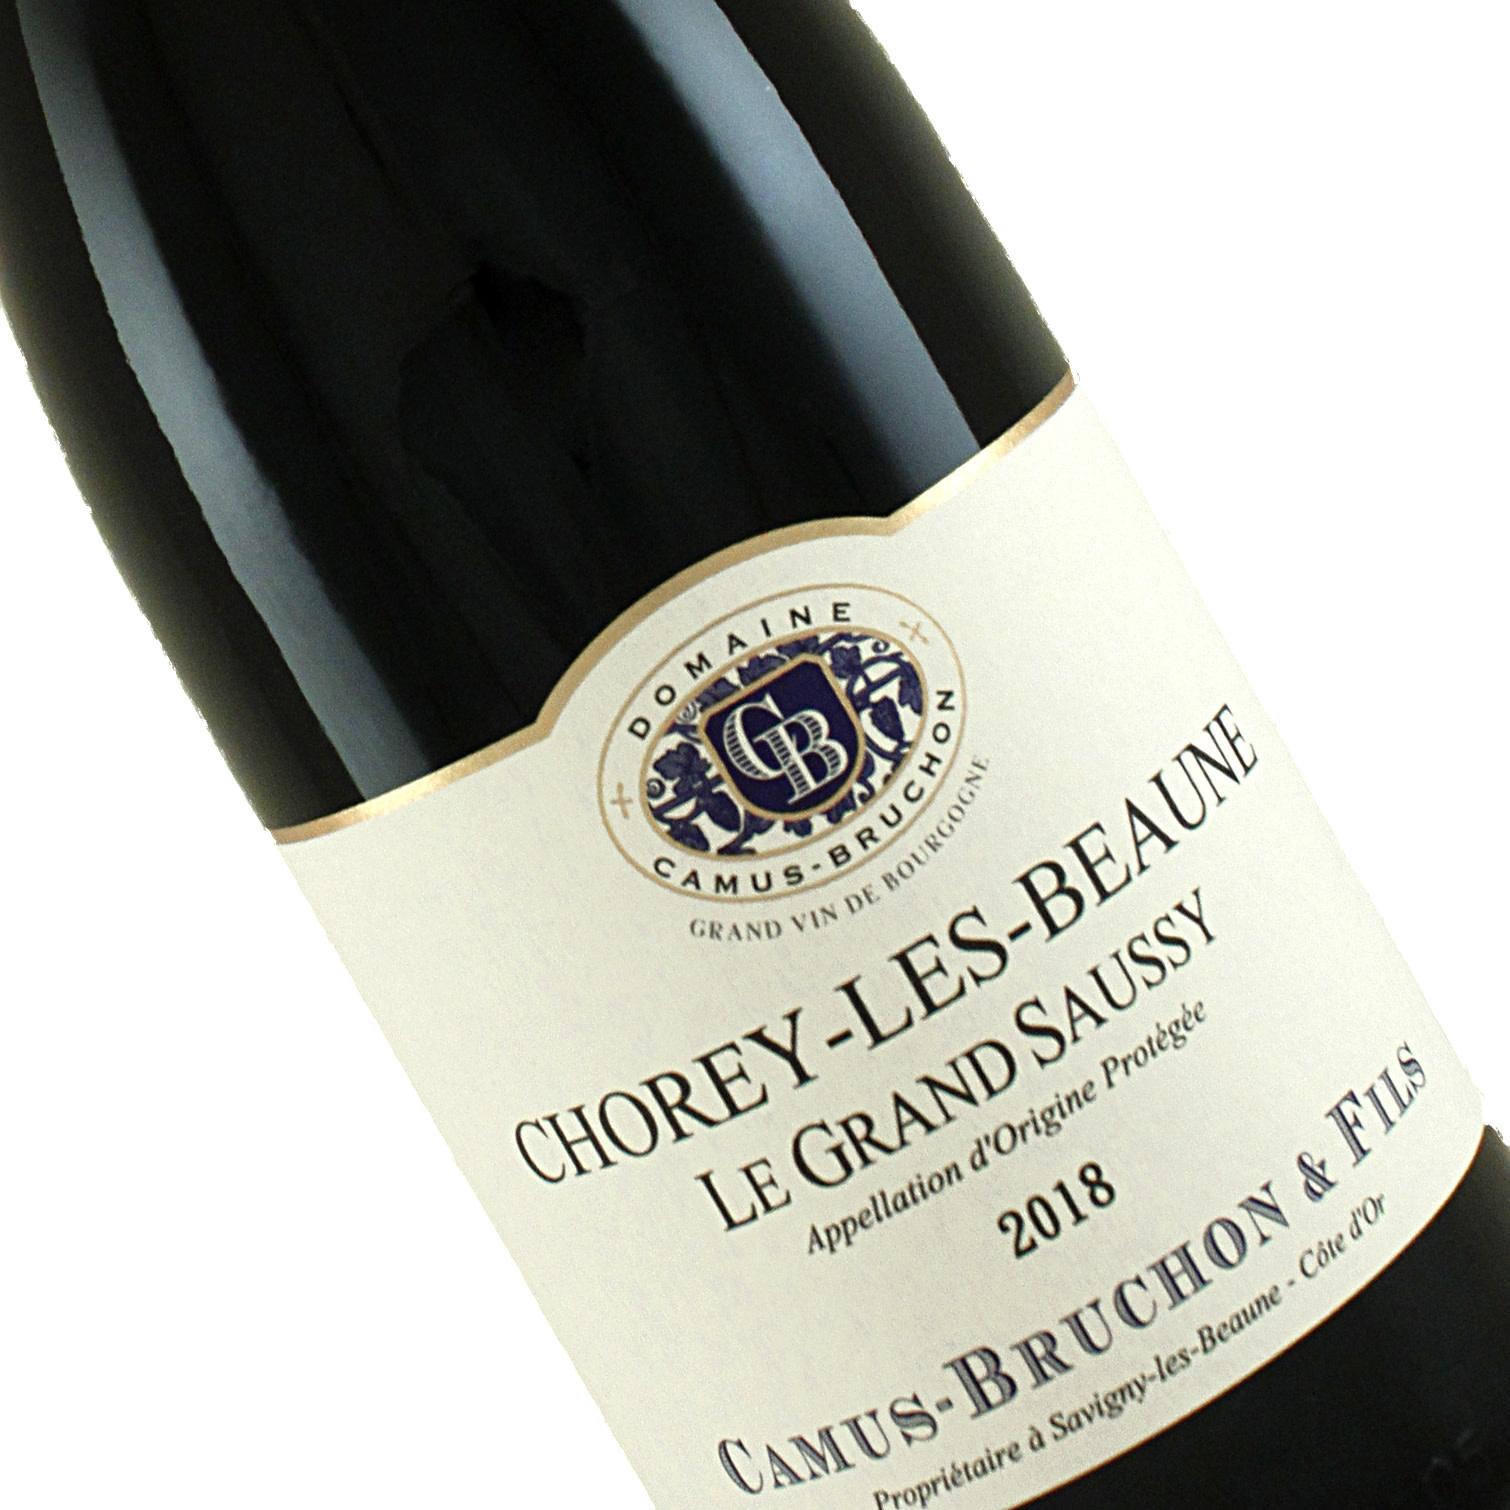 Camus -Bruchon 2018 Chorey-Les-Beaune Le Grand Saussy